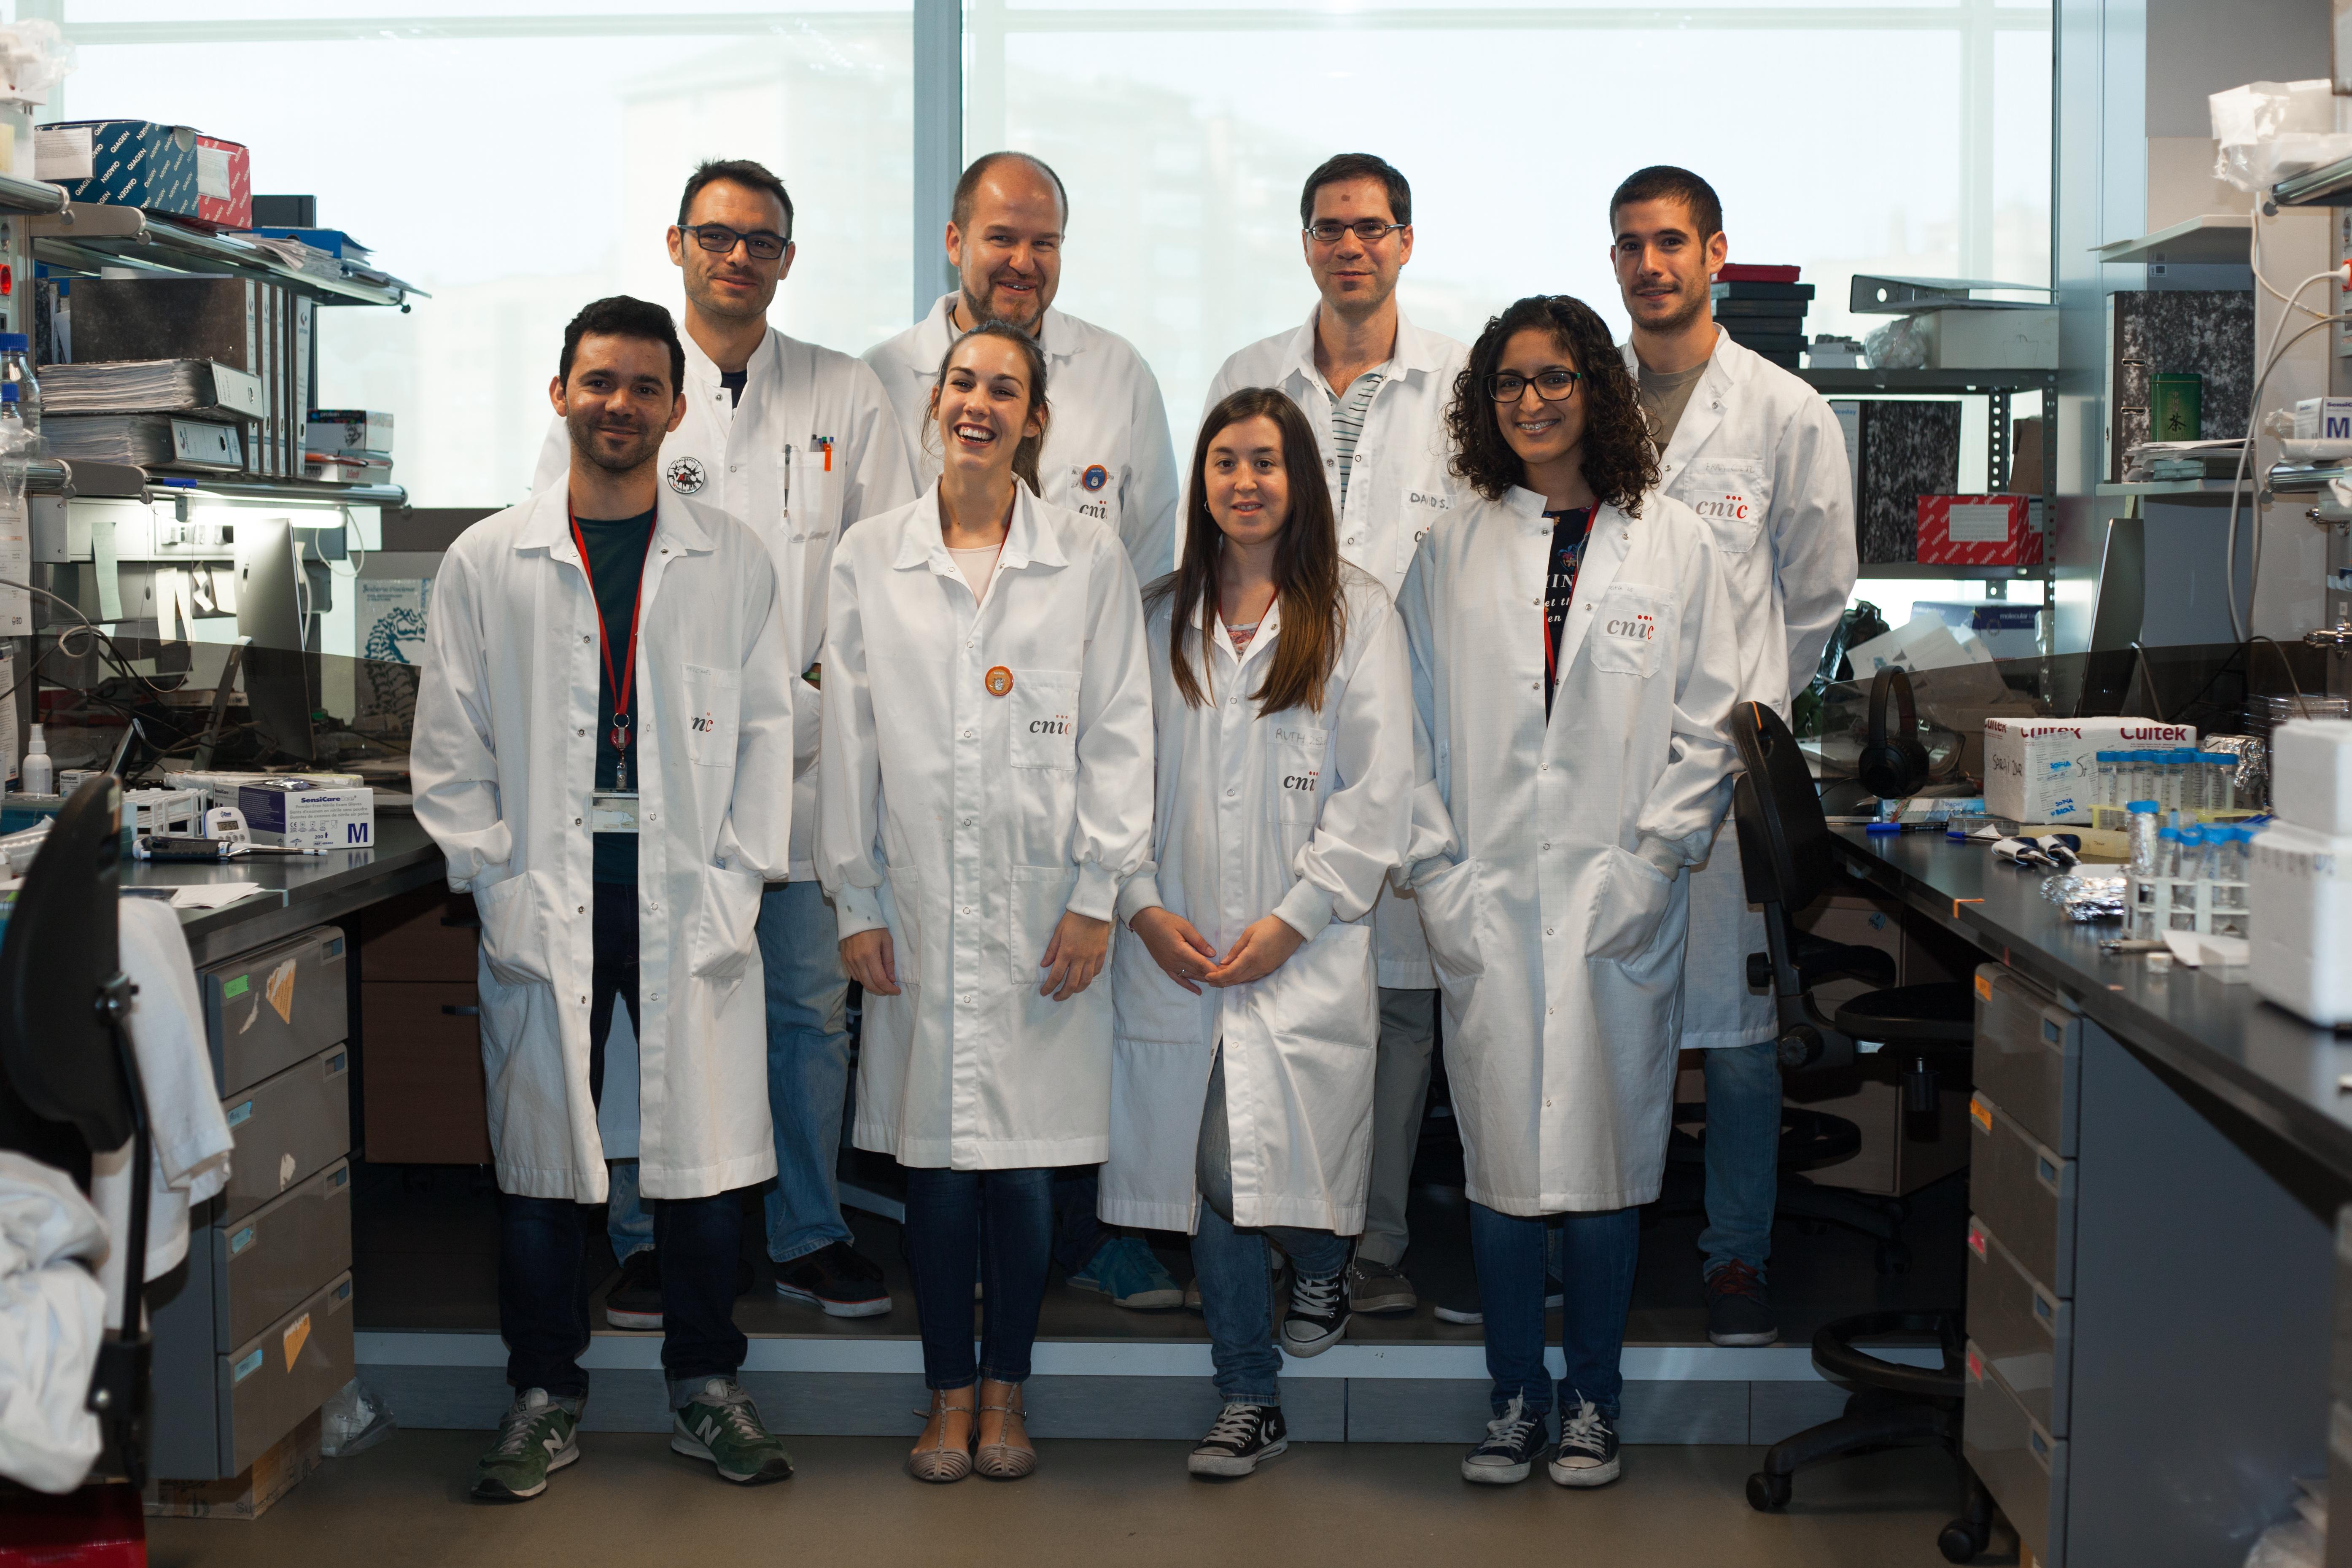 From left to right: Carlos del Fresno, Salvador Iborra, David Sancho, Fran Cueto; abajo: Michel Enamorado, María Martínez-López, Ruth Conde-Garrosa y Sofía Chayeb Khouili